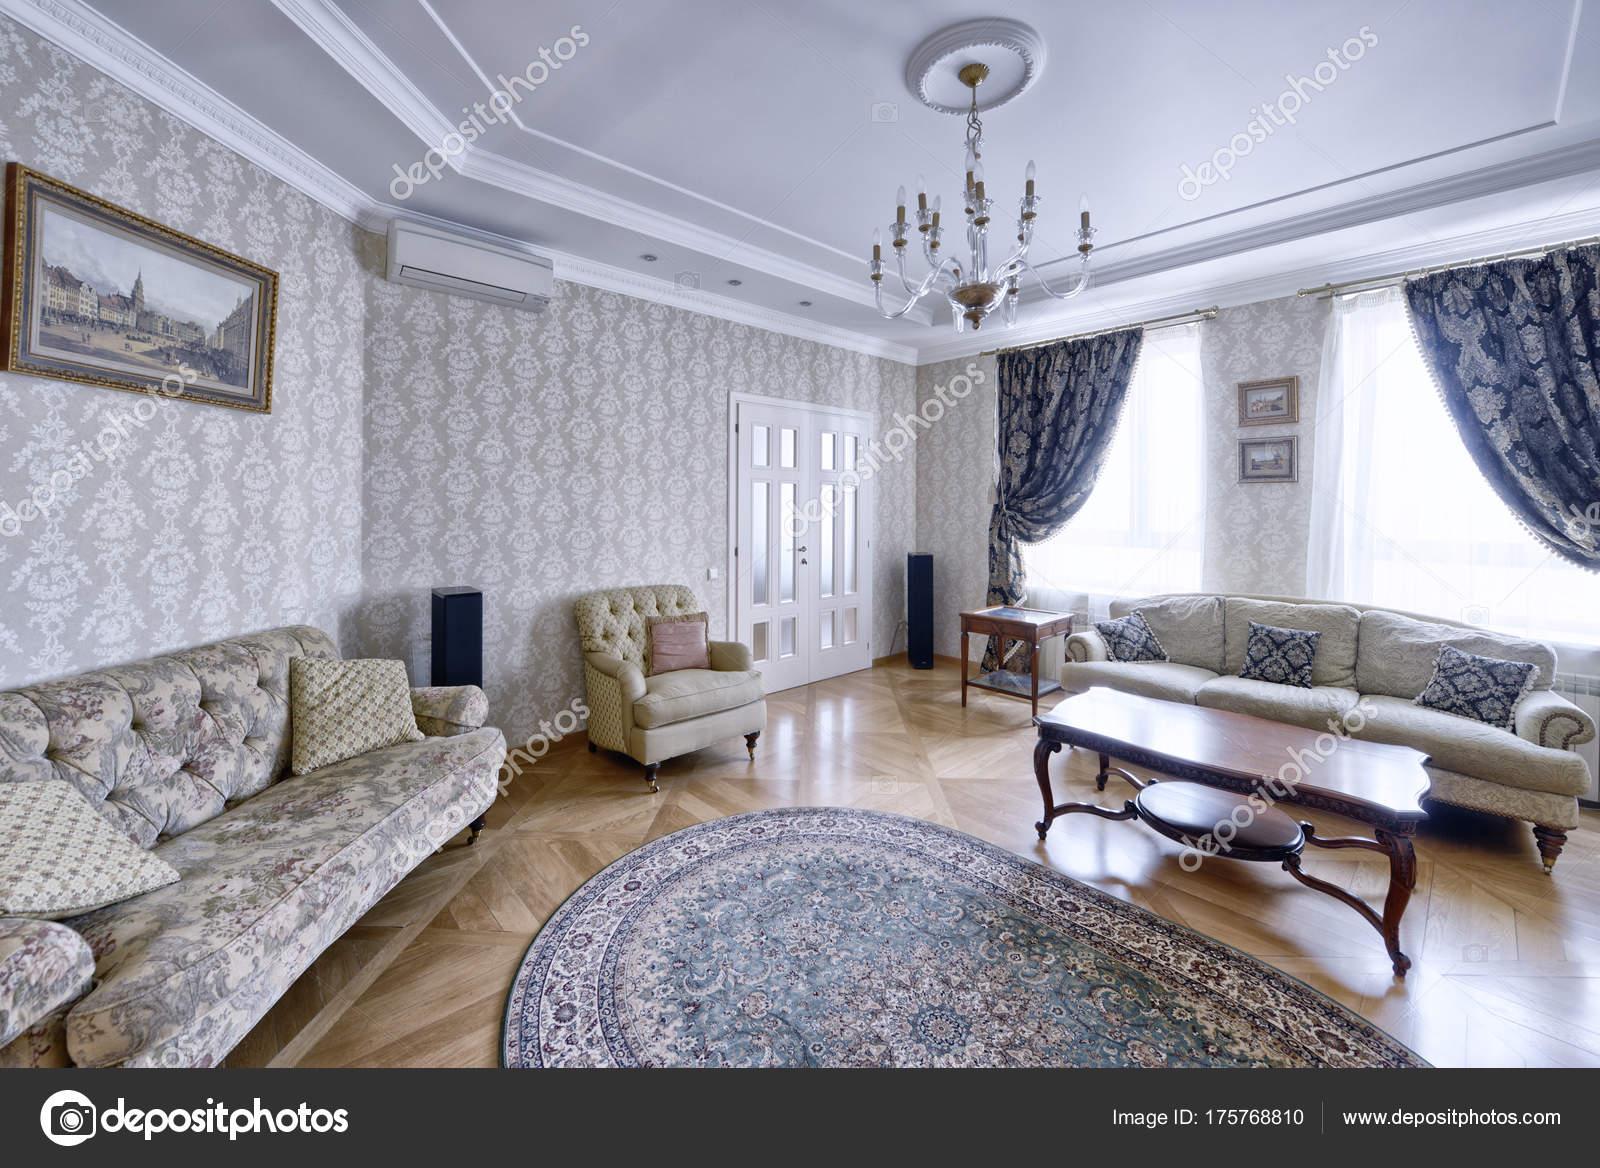 Russland Moskau Moderne Innenarchitektur Wohnzimmer Städtische Immobilien U2014  Stockfoto